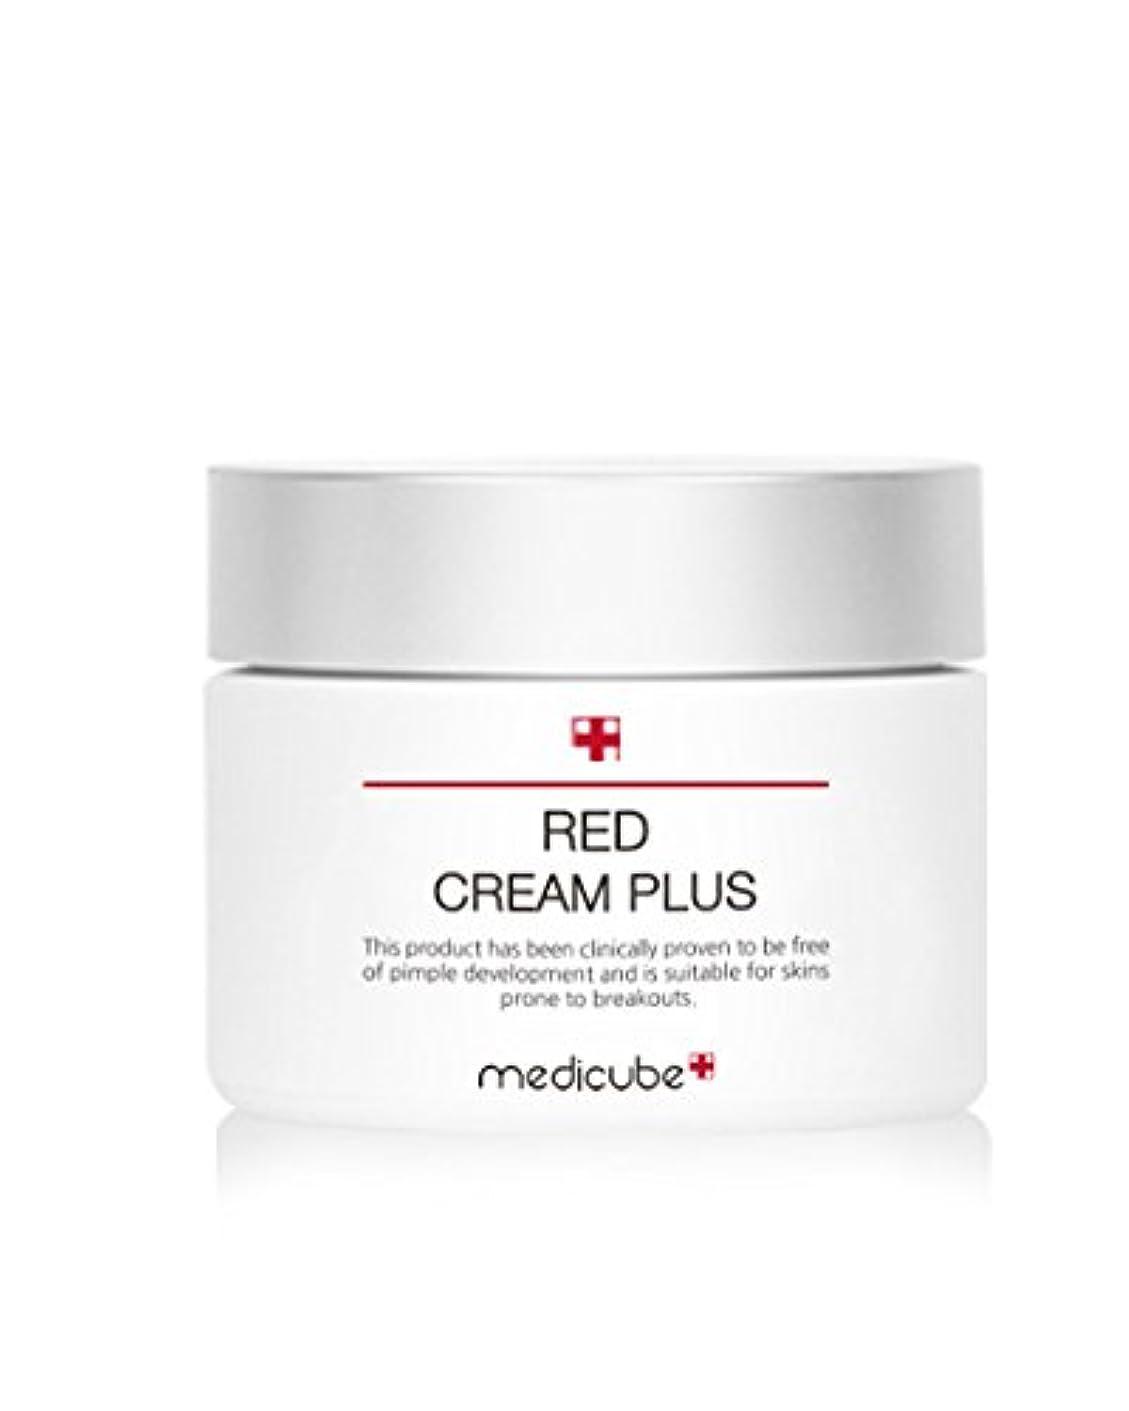 アシスト柔らかい直感[Medicube]メディキューブ レッド クリーム プラス 大容量 100ml / Medicube Red Cream Plus 100ml [並行輸入品]